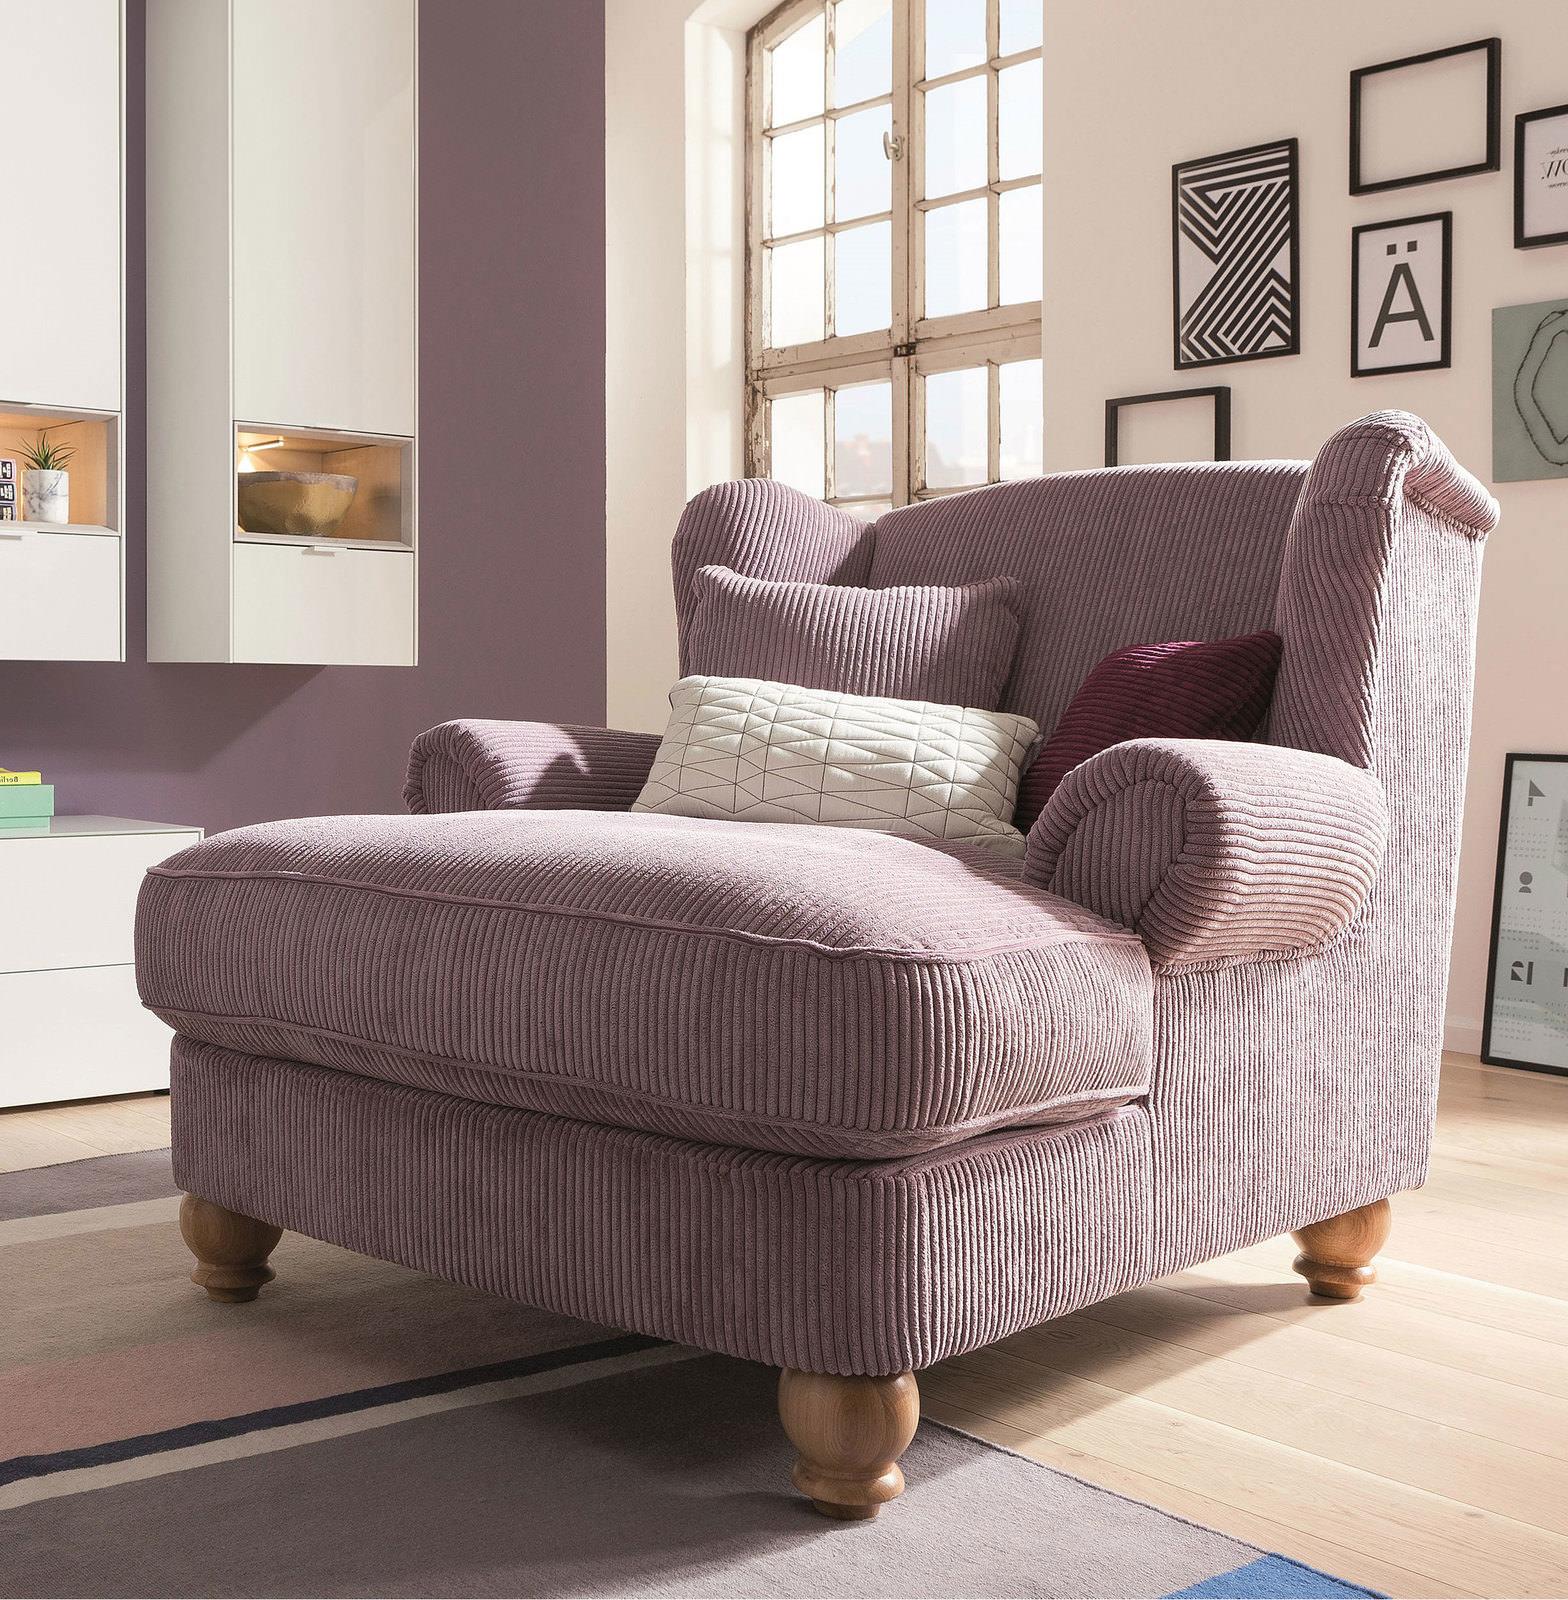 loveseat sessel. Black Bedroom Furniture Sets. Home Design Ideas